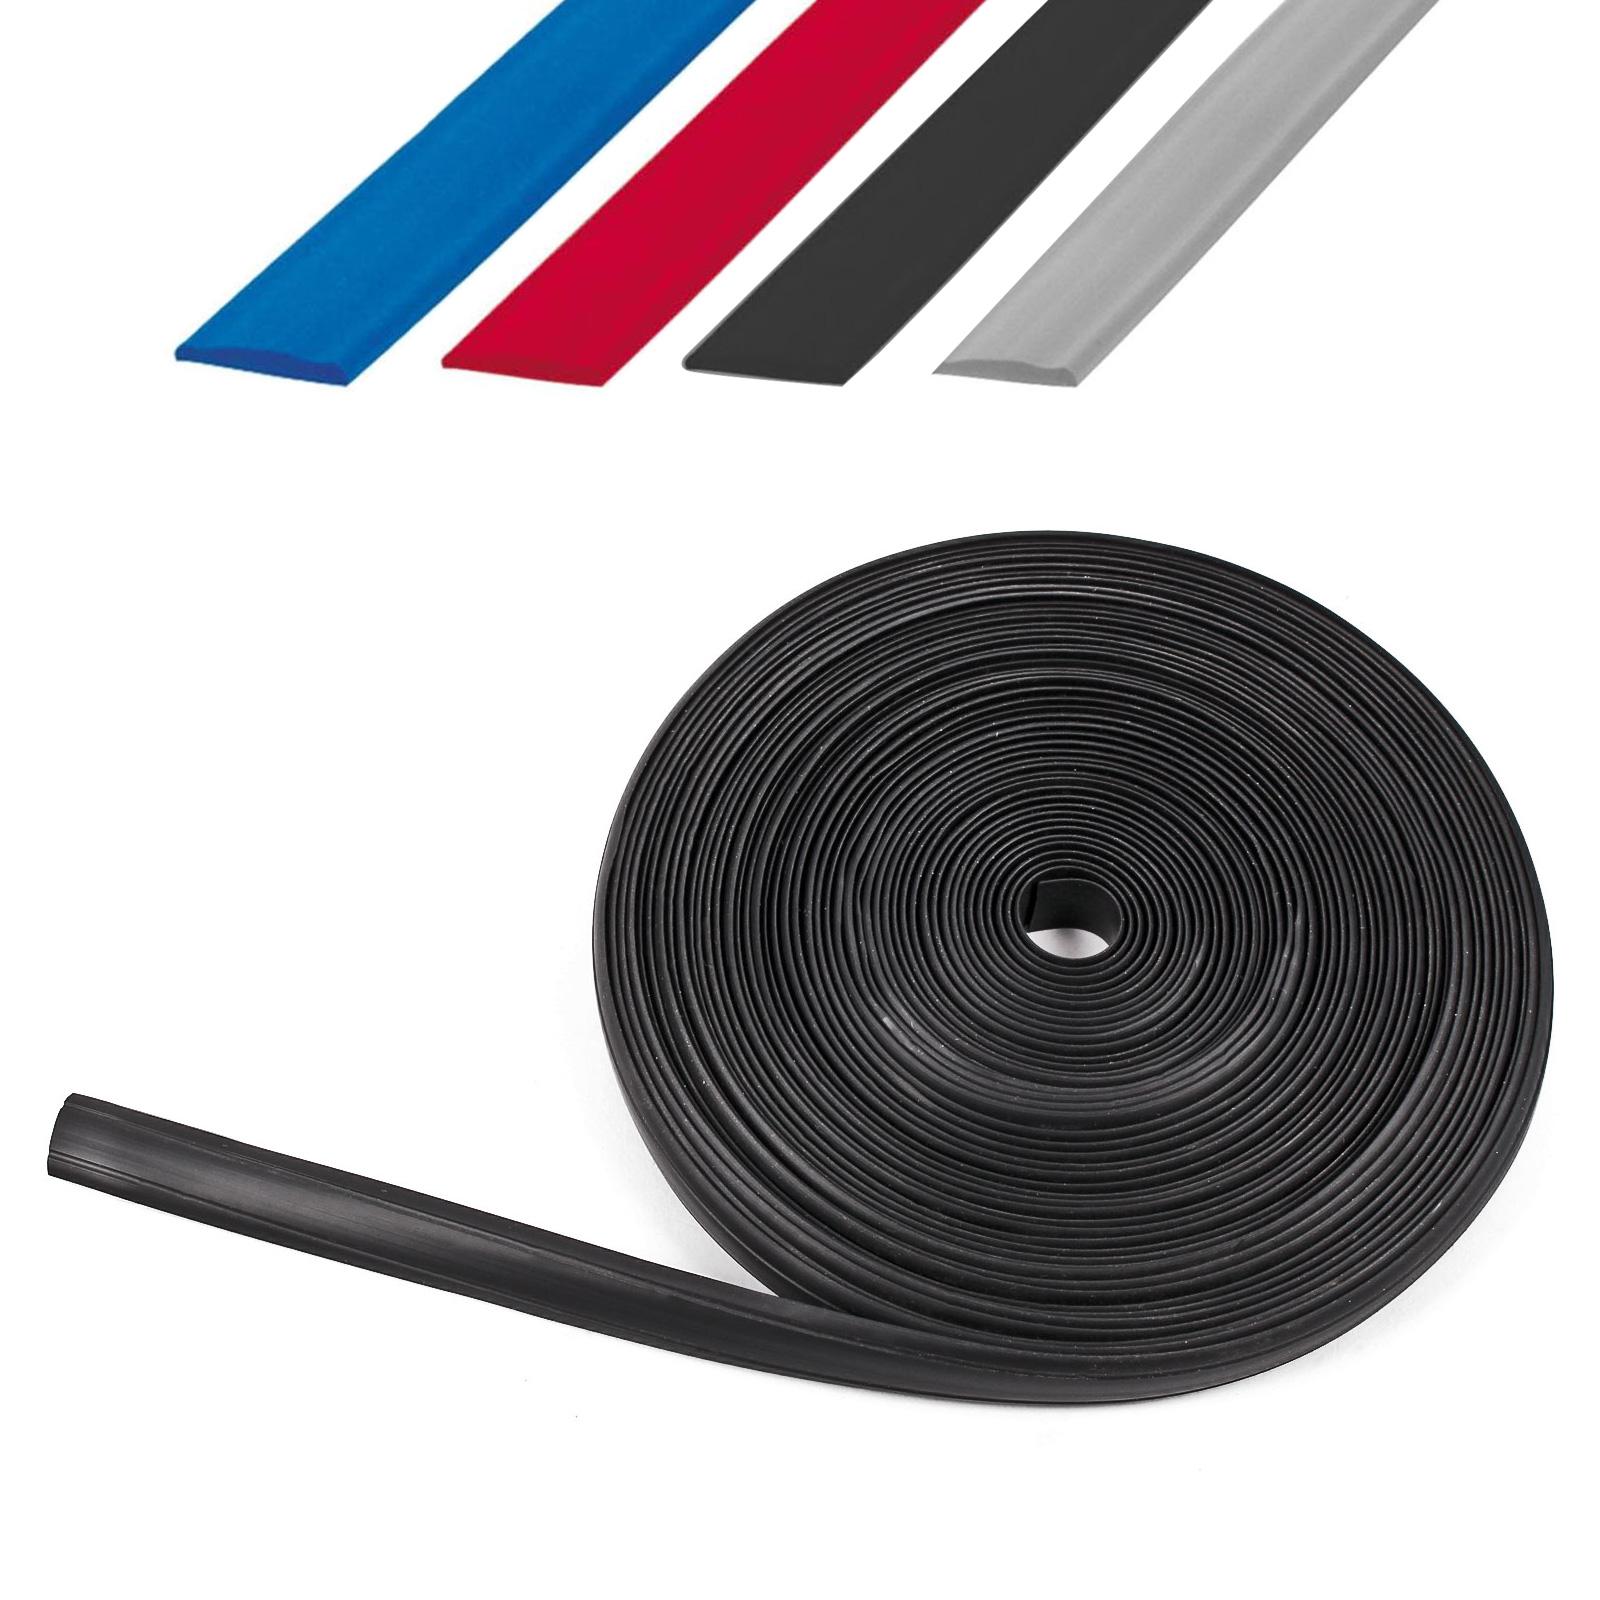 Leistenfüller 12 mm, 10 Meter, Kunststoff, vier Farben